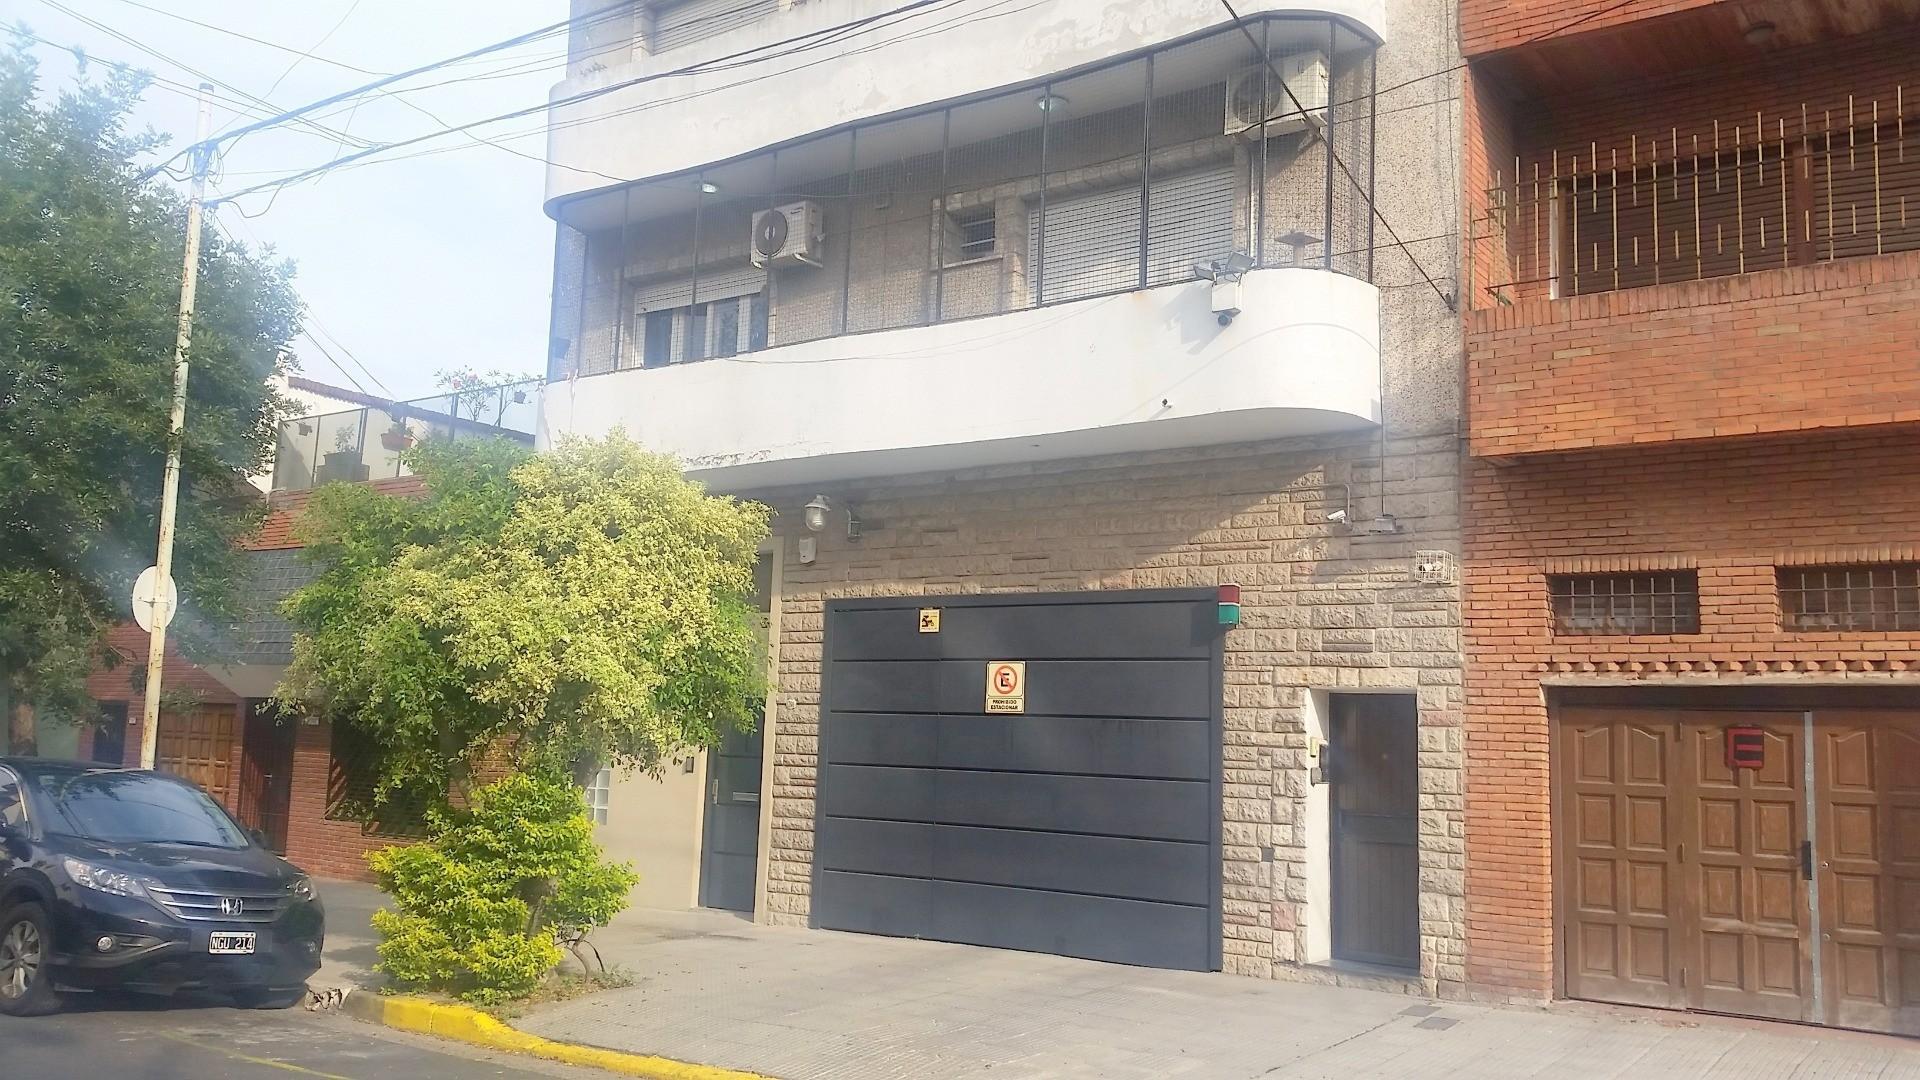 Balbastro 1700 PIso/Casa/PH. 187 m2. 4/5 amb. 3 dorm. 2 baños. Escr. Terraza Parrilla y Quincho